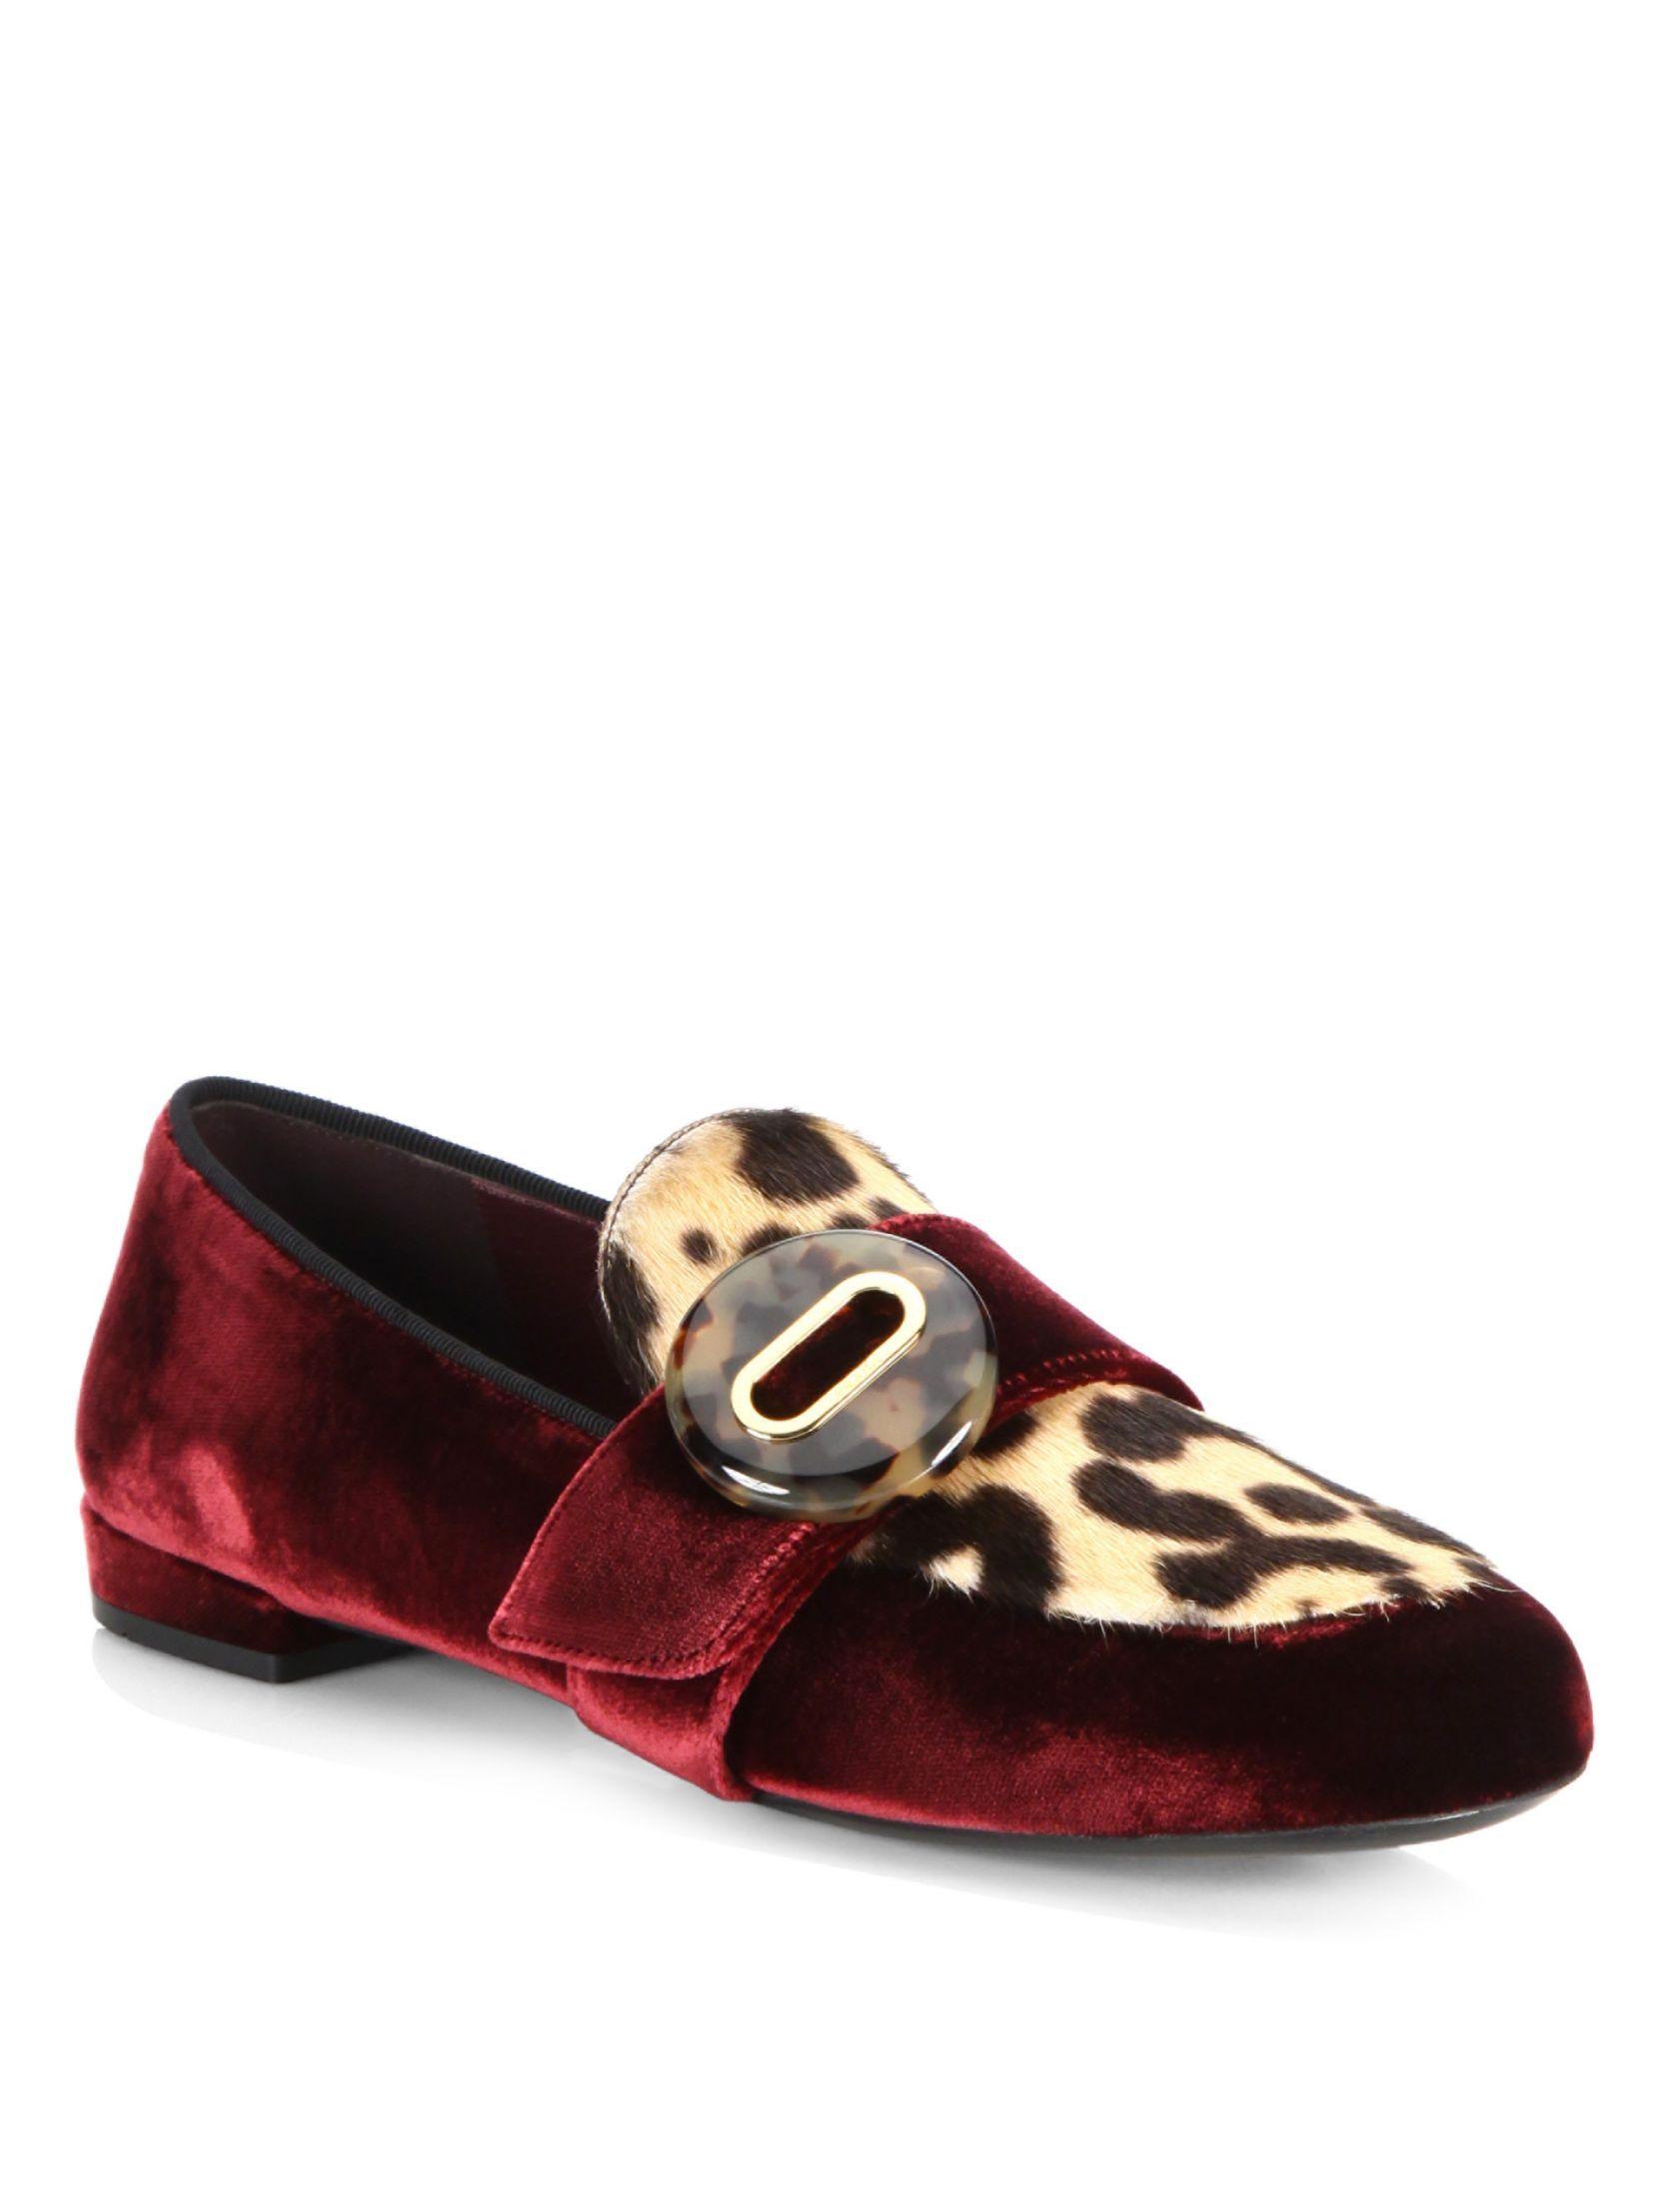 Prada Leopard-Print Calf Hair & Velvet Loafer